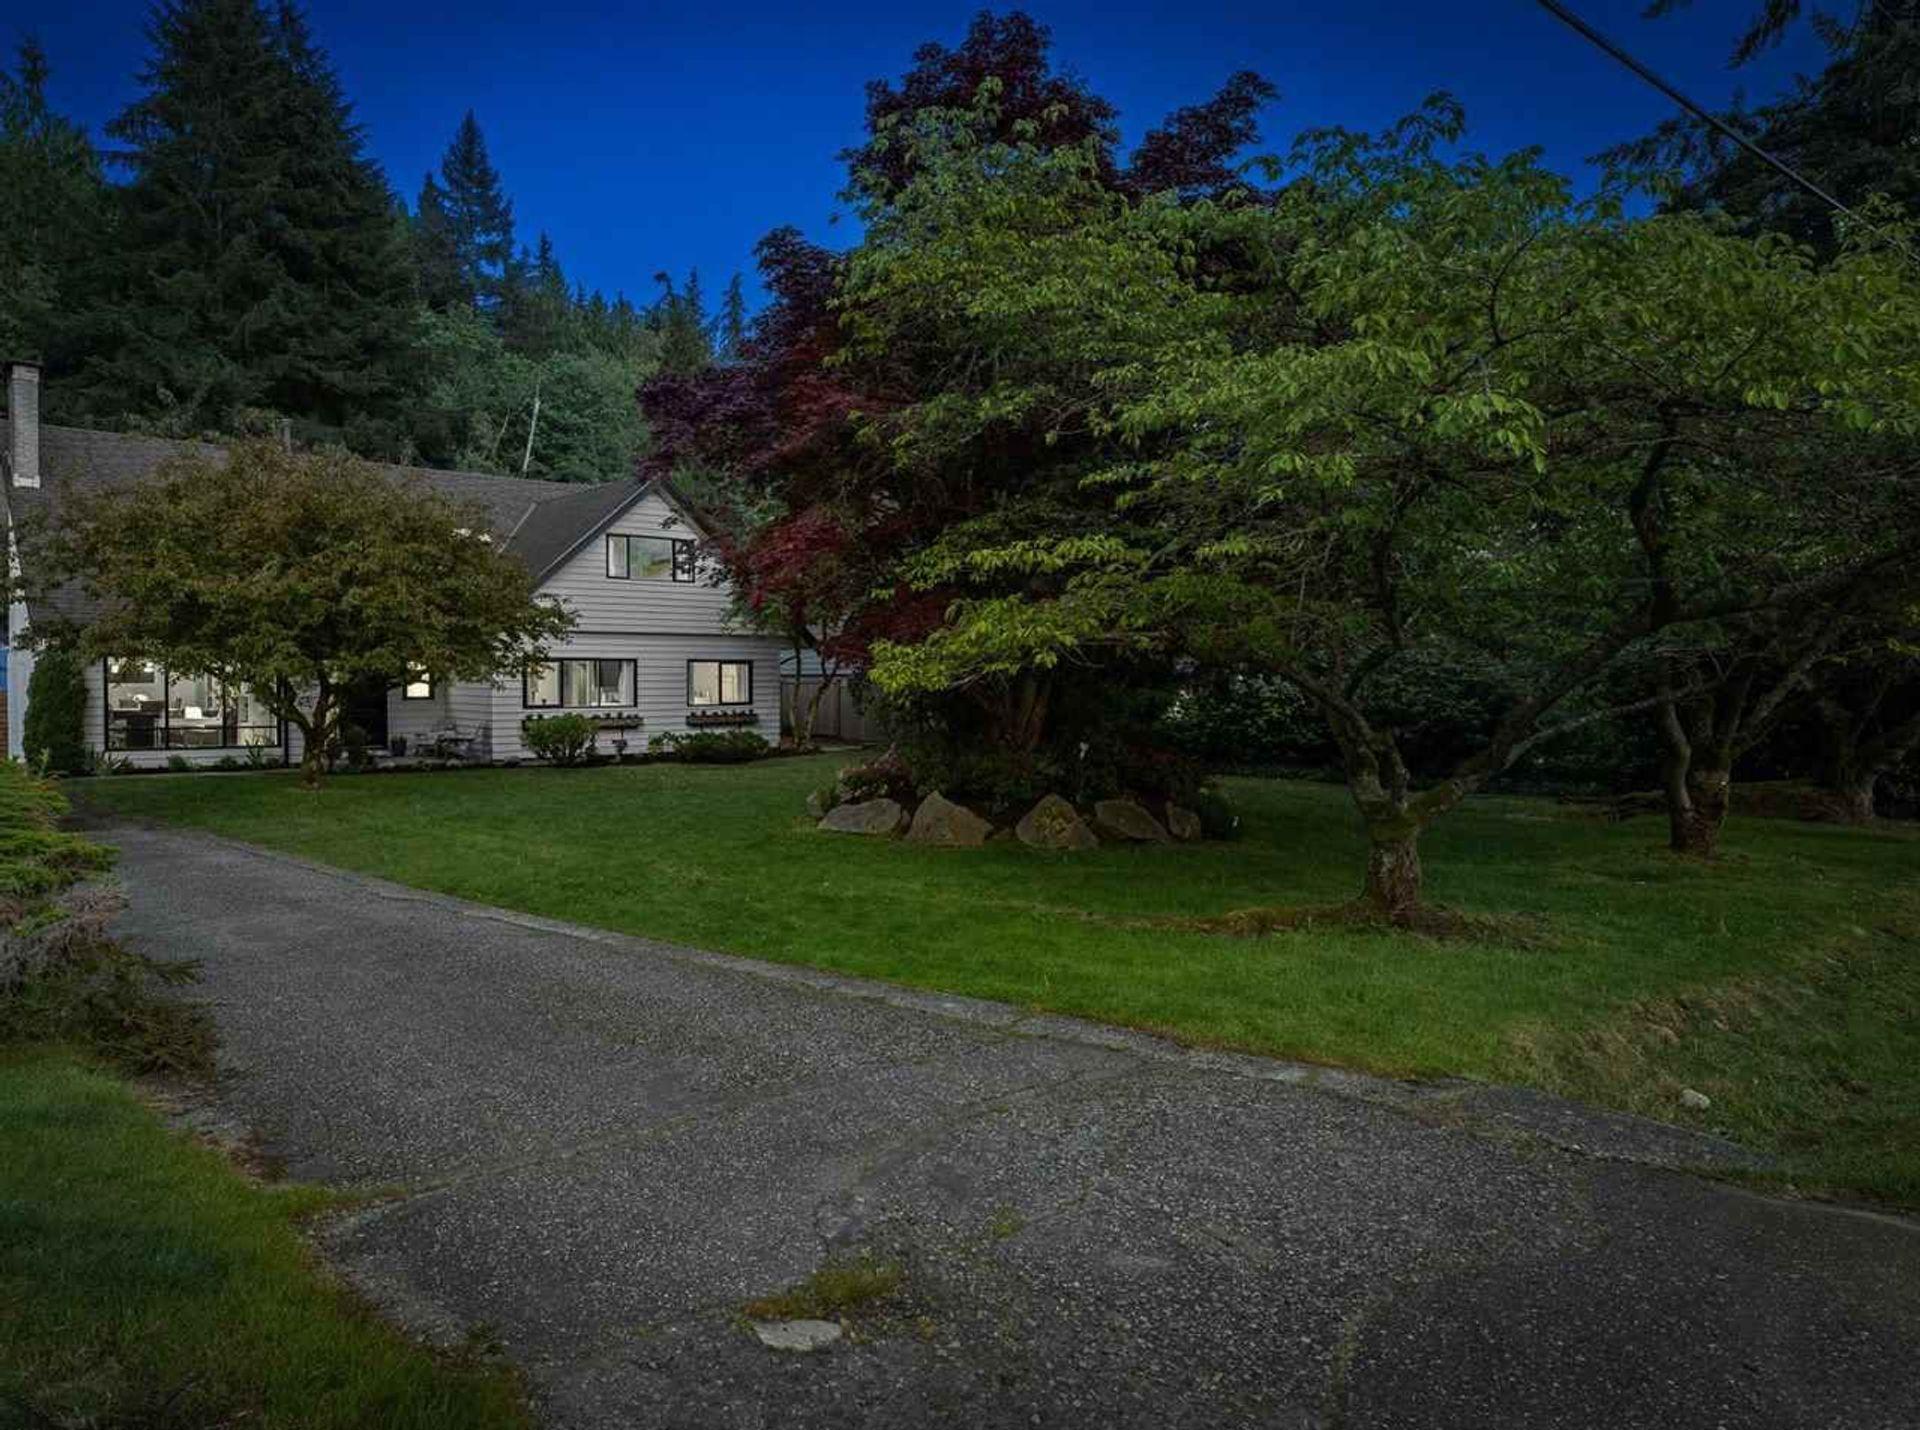 5730-cranley-drive-eagle-harbour-west-vancouver-03 at 5730 Cranley Drive, Eagle Harbour, West Vancouver